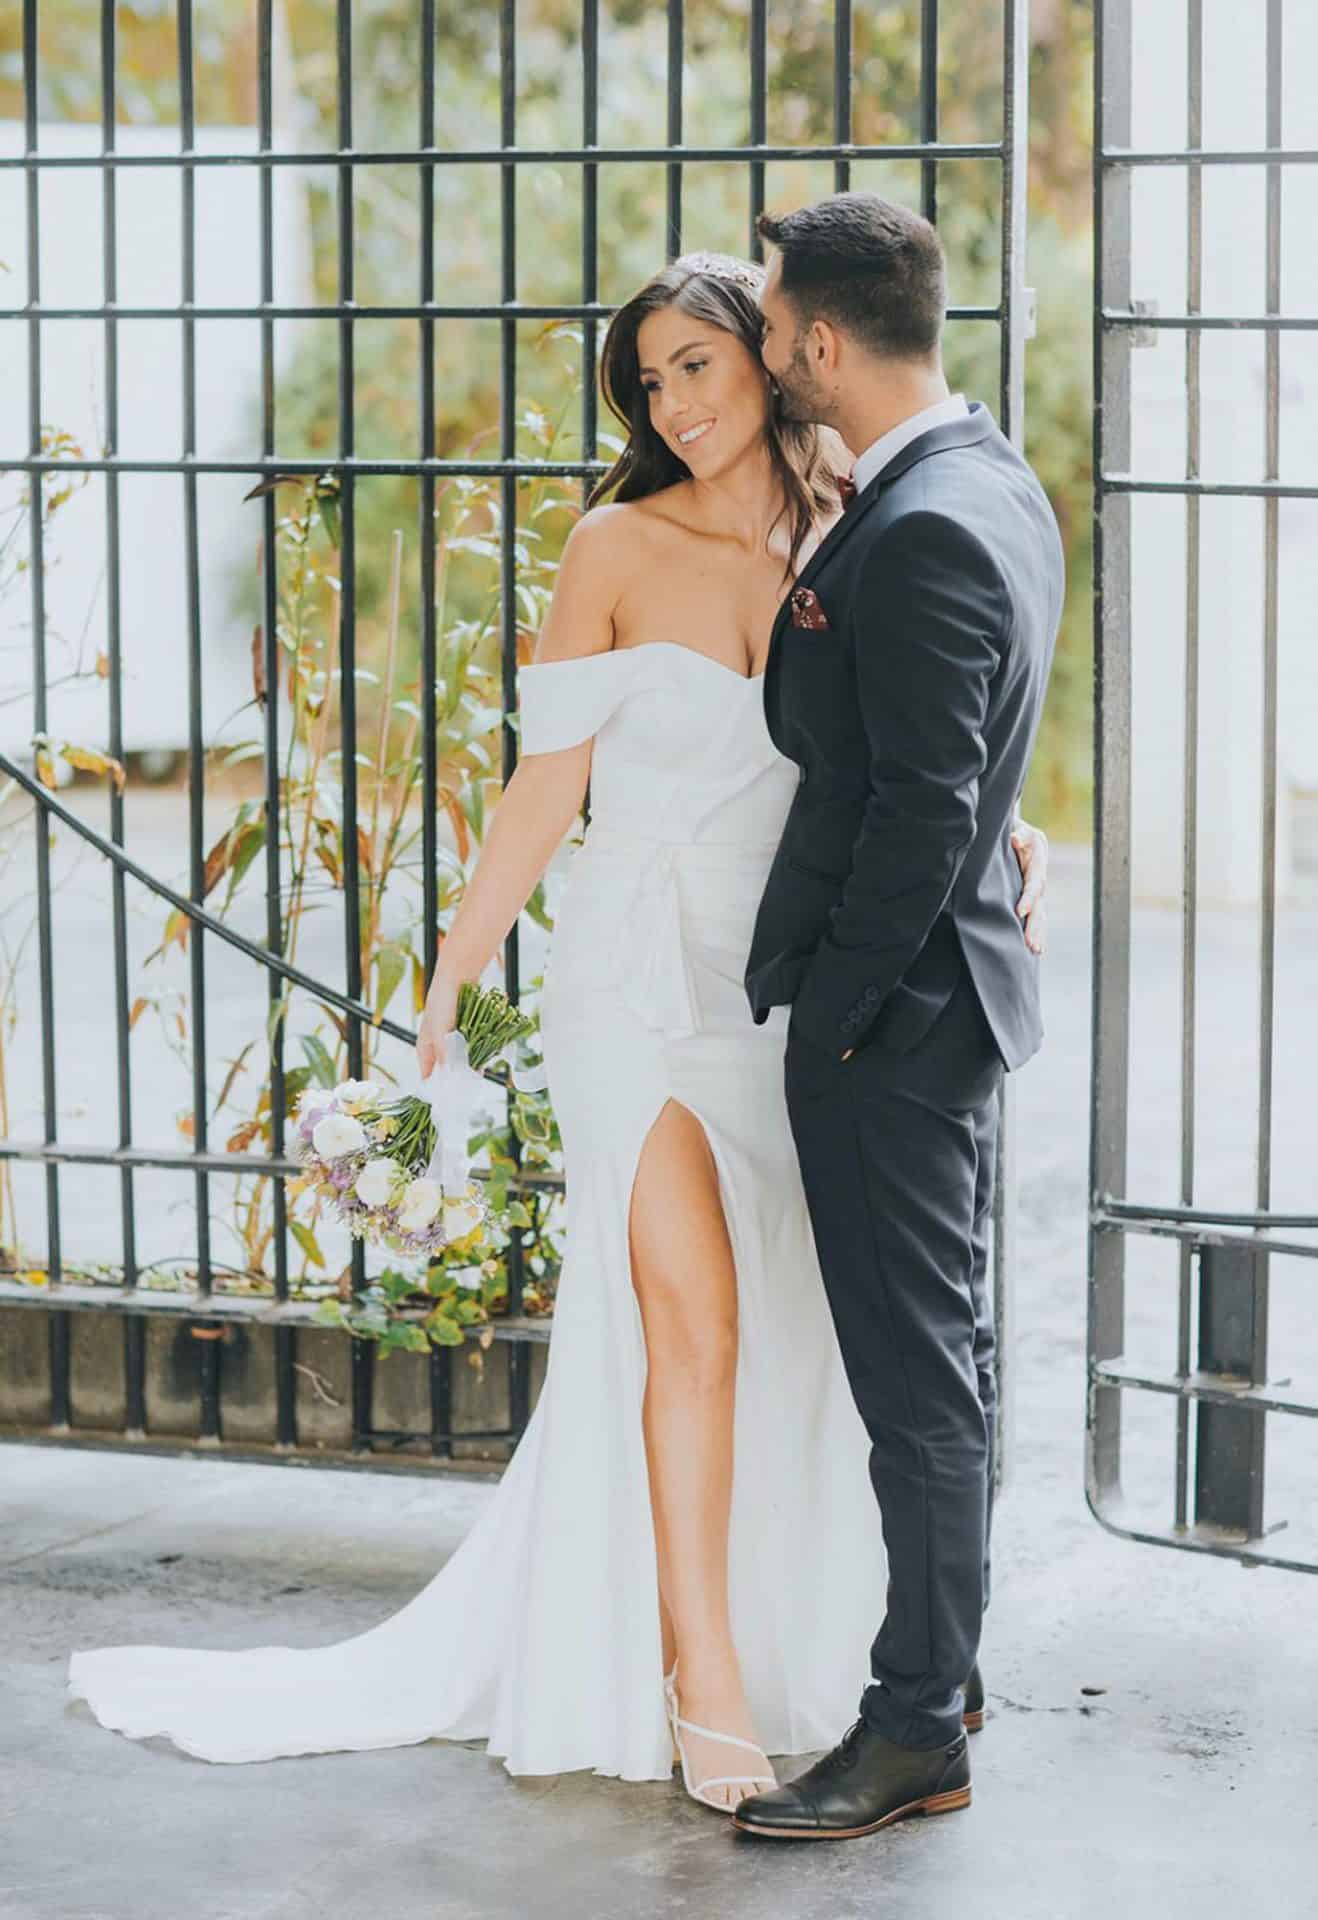 ענת ולירוי בצילומי חוץ של חתונת בזק